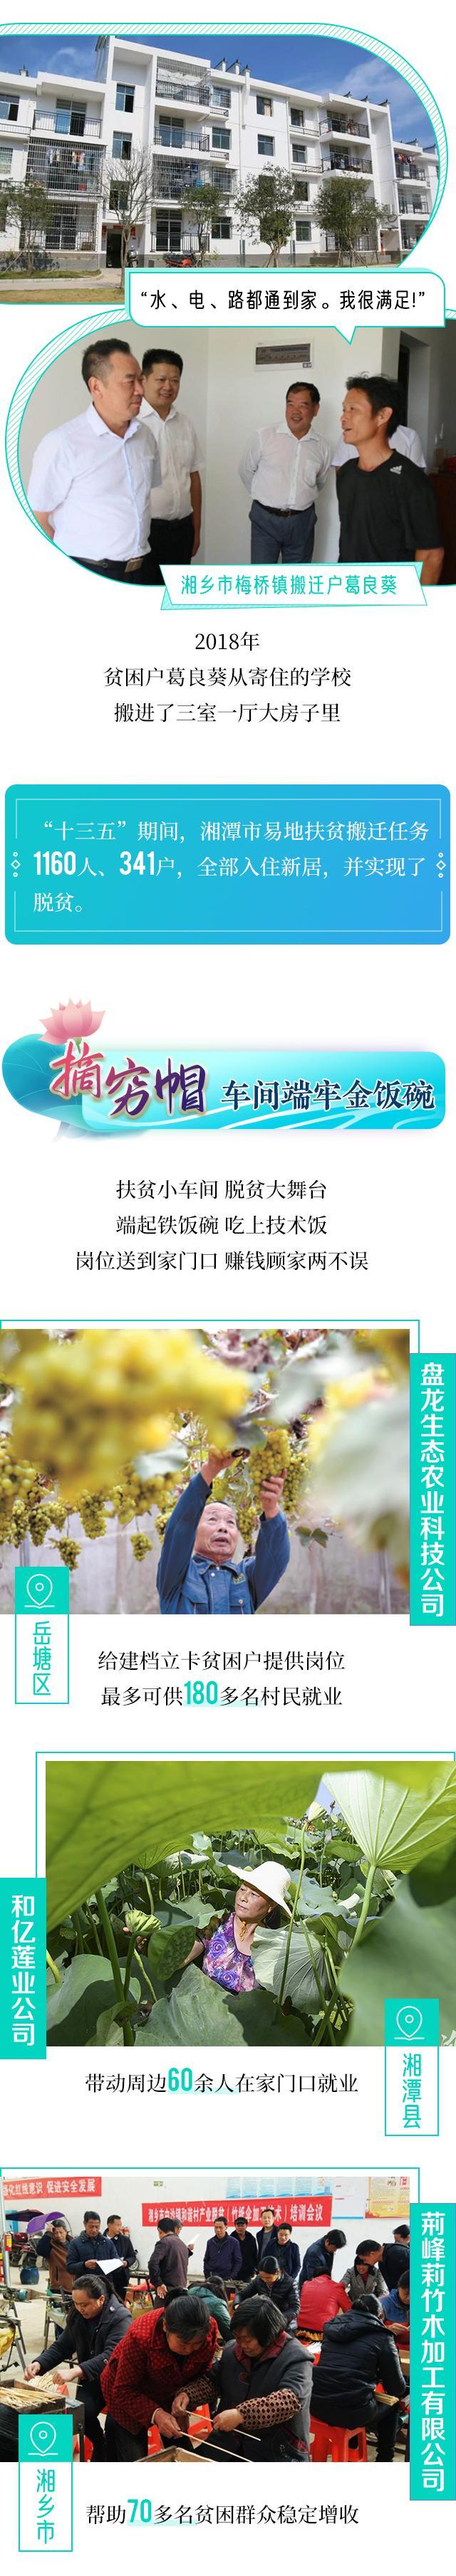 湘潭长图第三部分_02.jpg